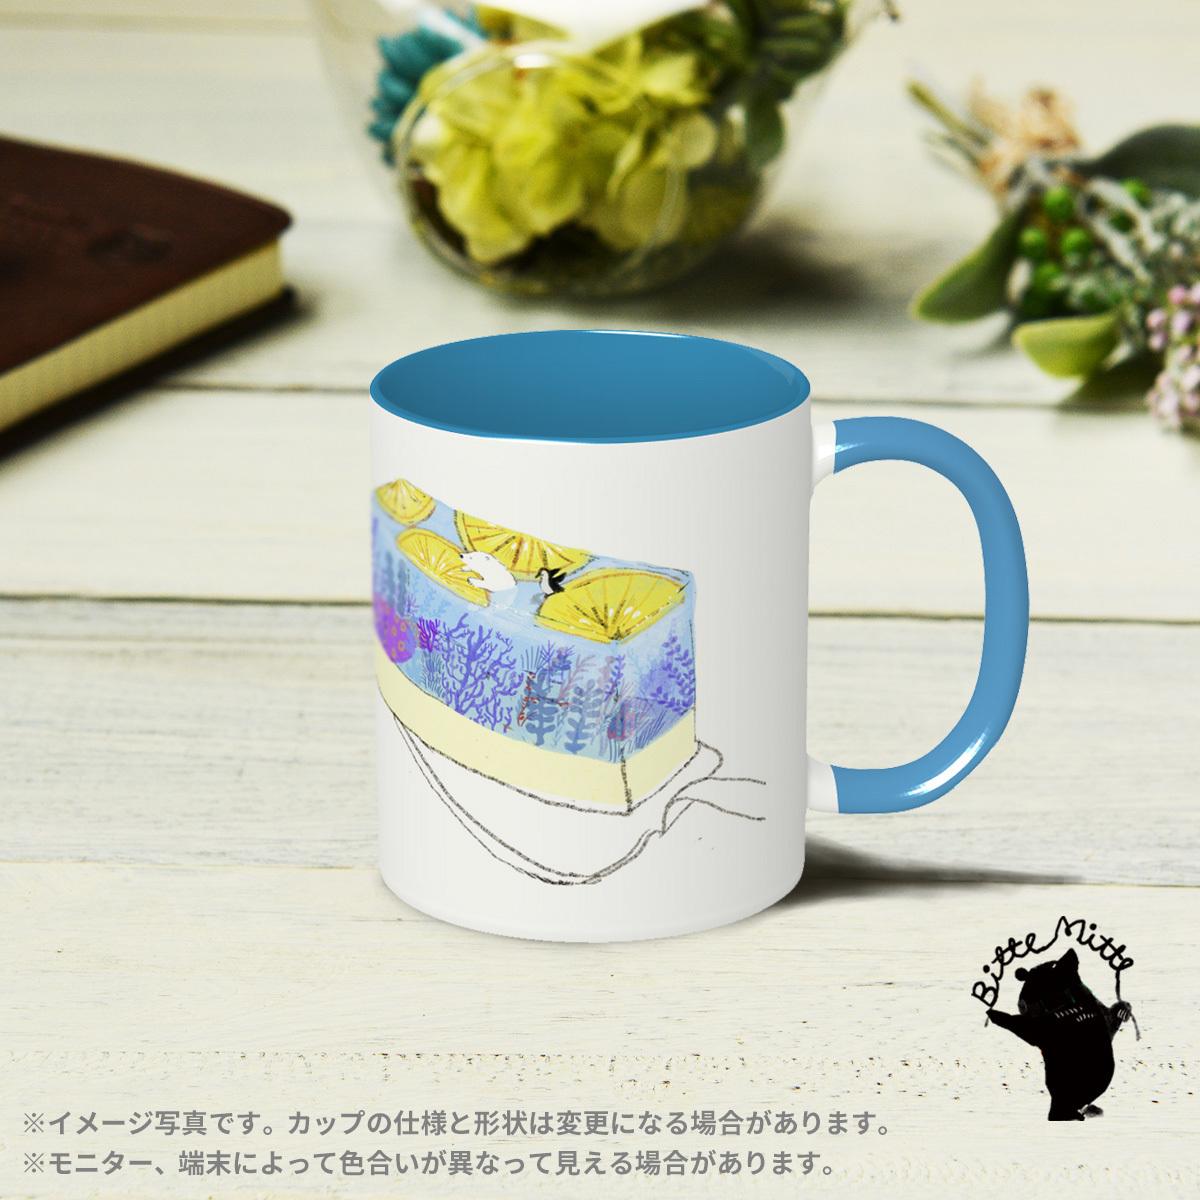 マグカップ かわいい おしゃれ マグカップ デザイン かわいい マグカップ おしゃれ ブランド 女性 北欧 内側 色 動物 夏 しろくま とっておきの夏の一切れ/Bitte Mitte!